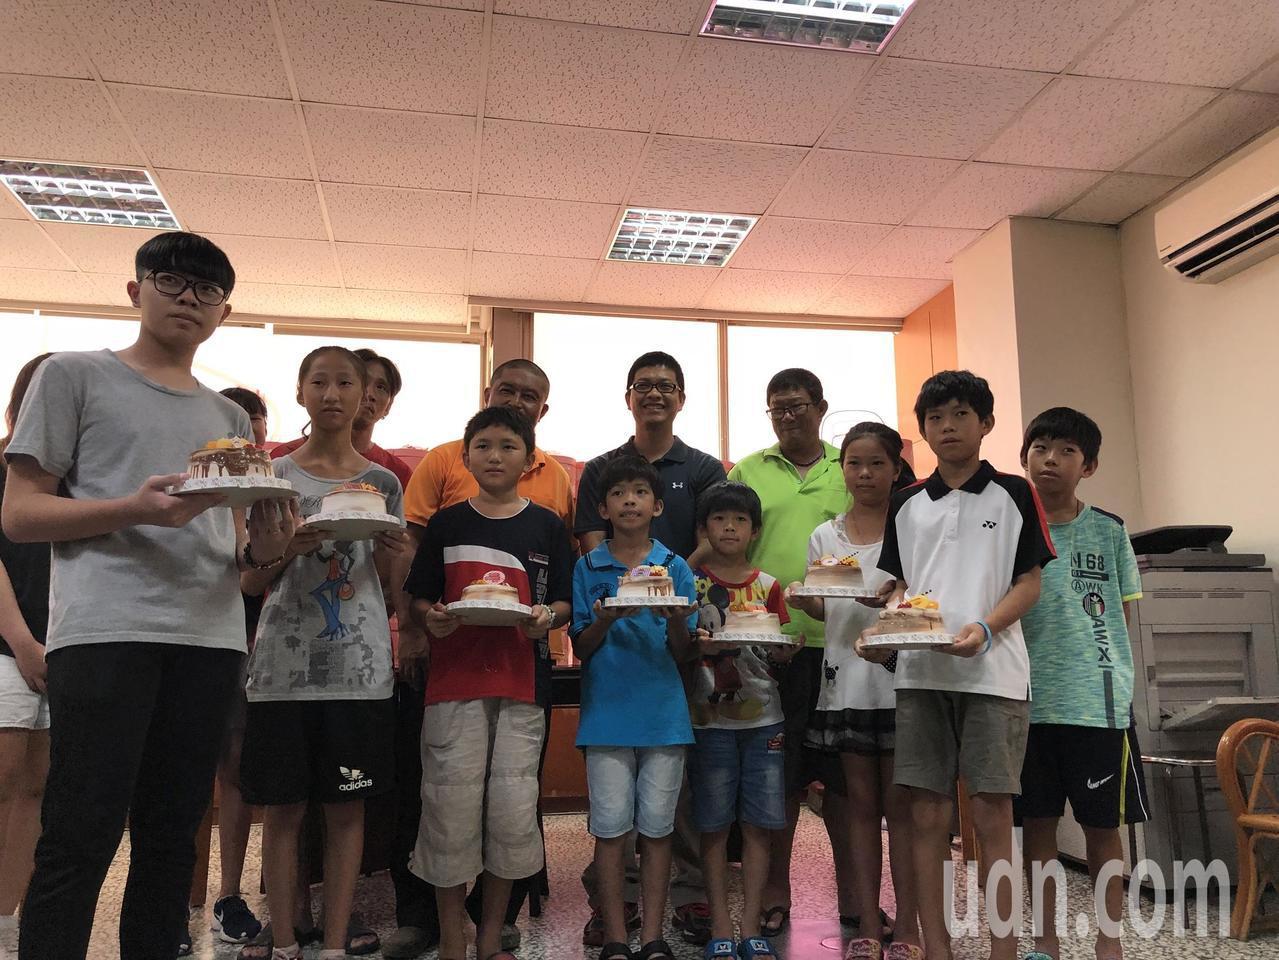 童也恬、鄭淳方號召世界各地313位友人,集資購買1840個蛋糕捐贈給家扶基金會,...